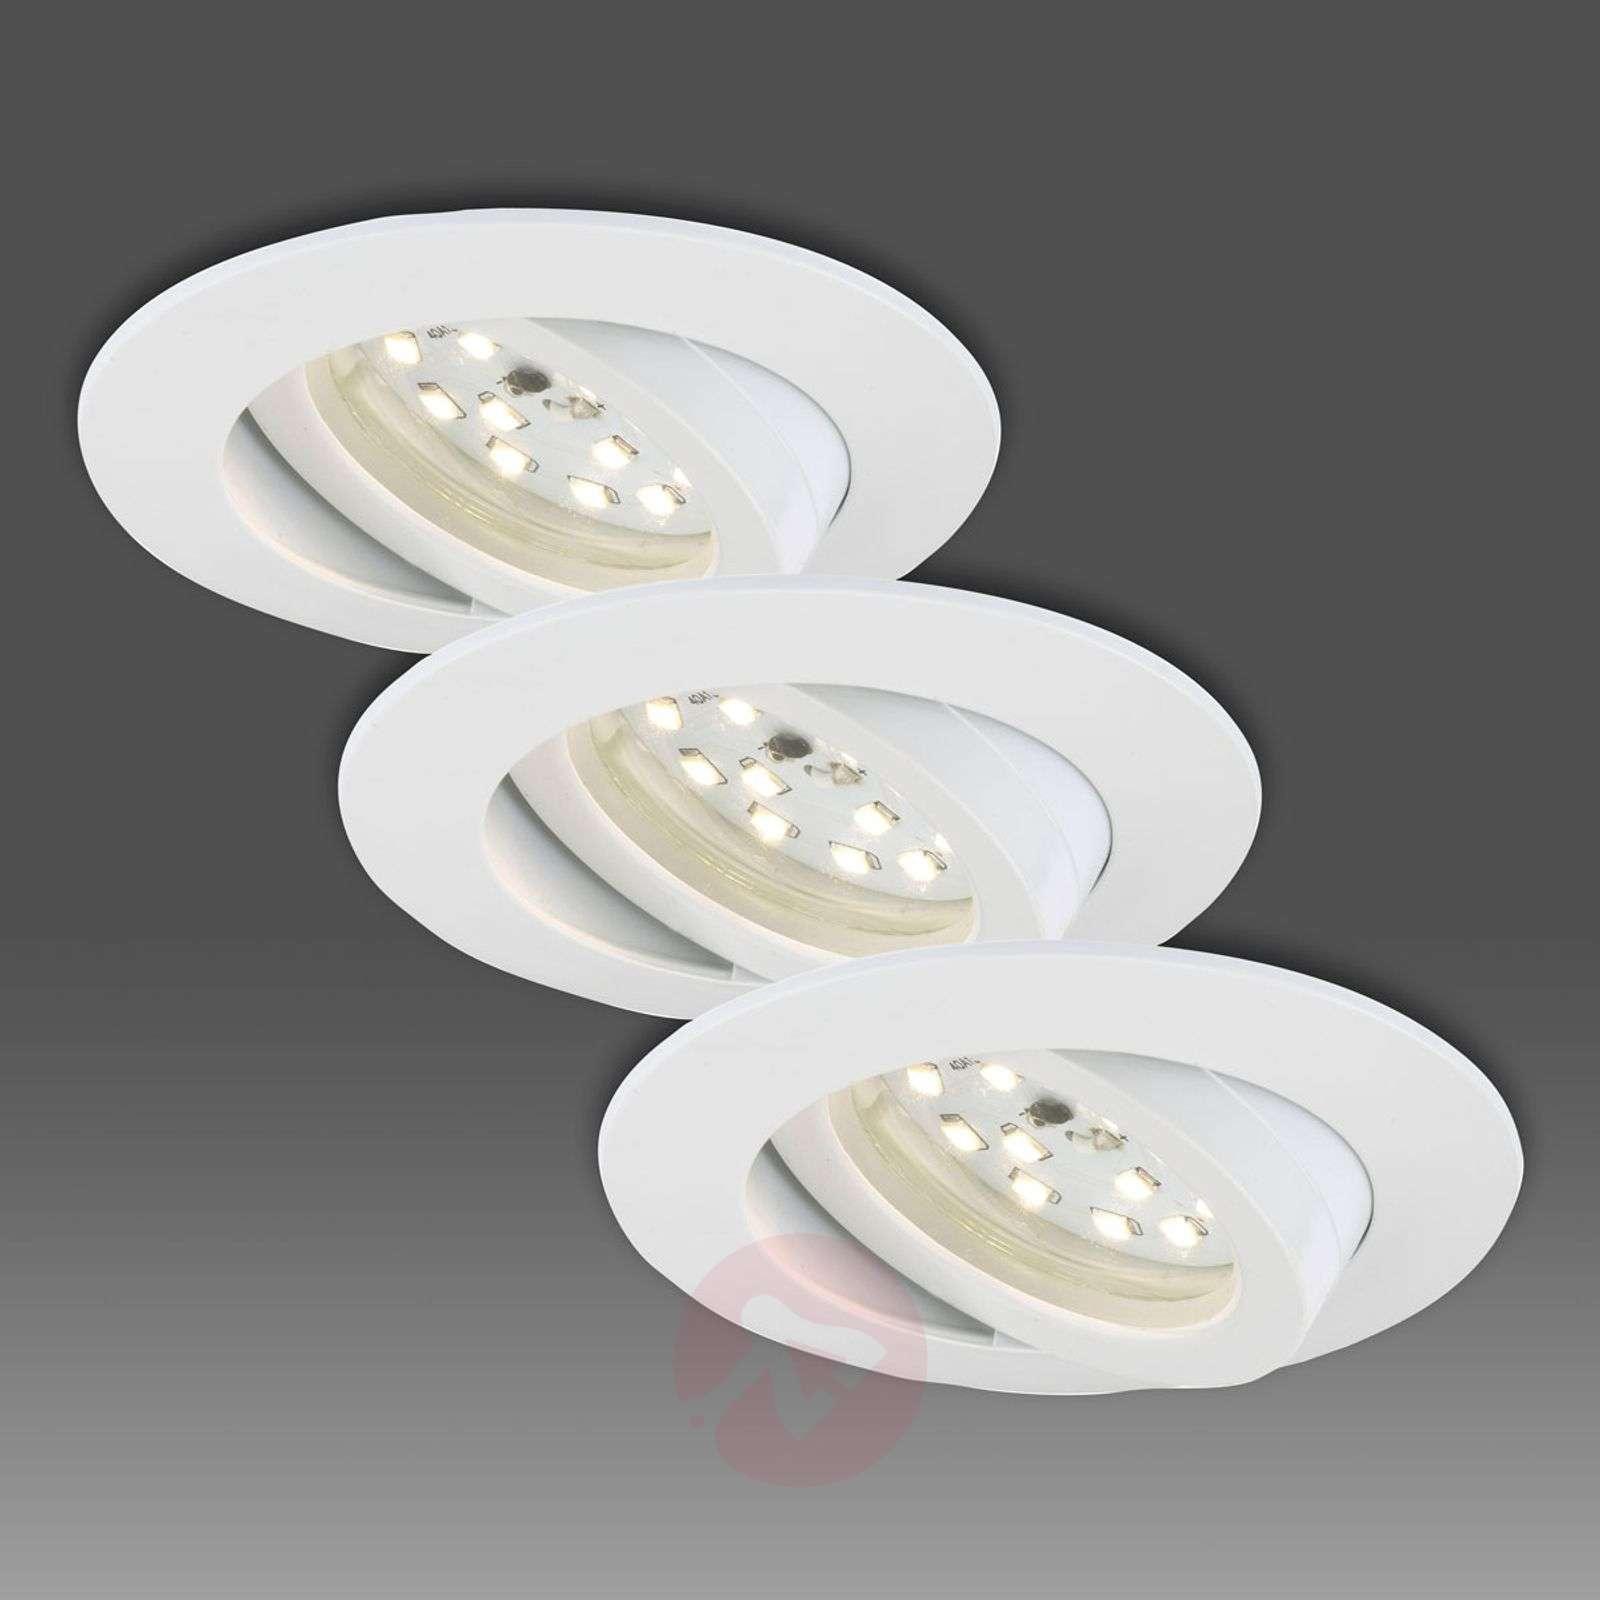 Valk. LED-uppokohdevalaisin, 3 kpl – käännettävä-1510287-01